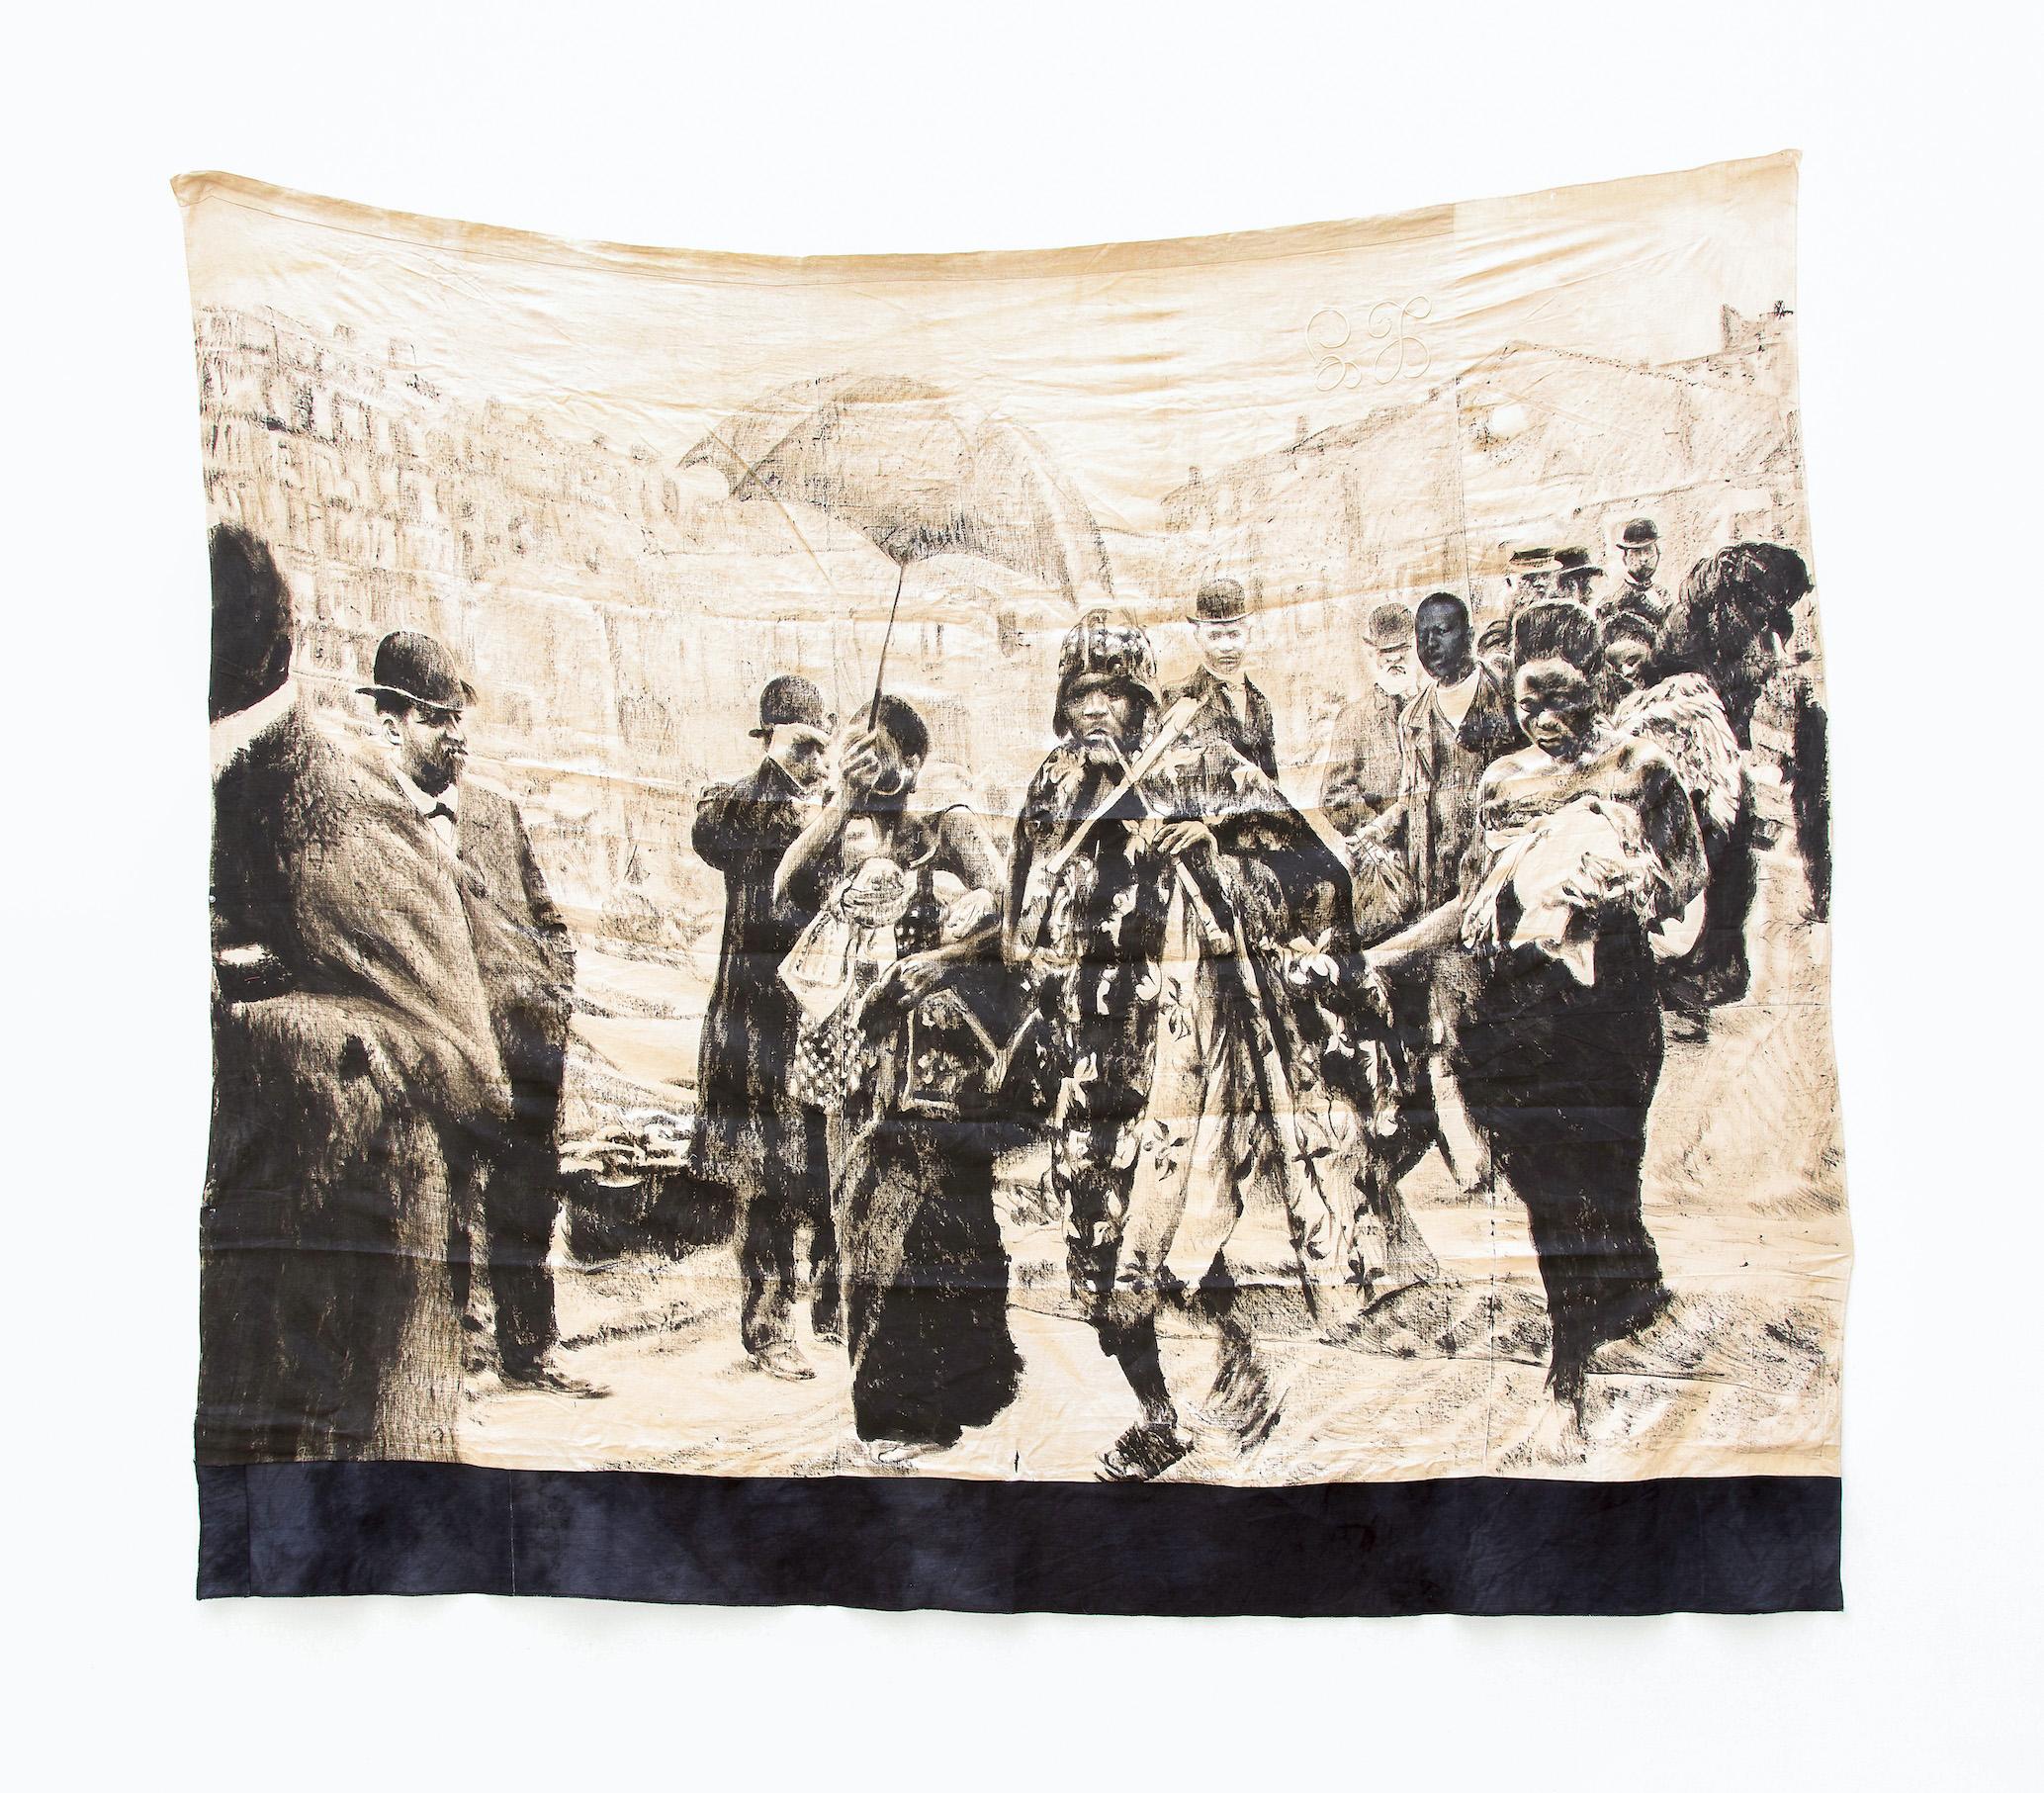 ROMÉO MIVEKANNIN, Série Béhanzin, Avant le dernier exil en Algérie, escale à Marseille, 2021, Bains d'élixir, pigments et liants sur toile libre, 227 x 261 cm, courtesy galerie Eric Dupont,